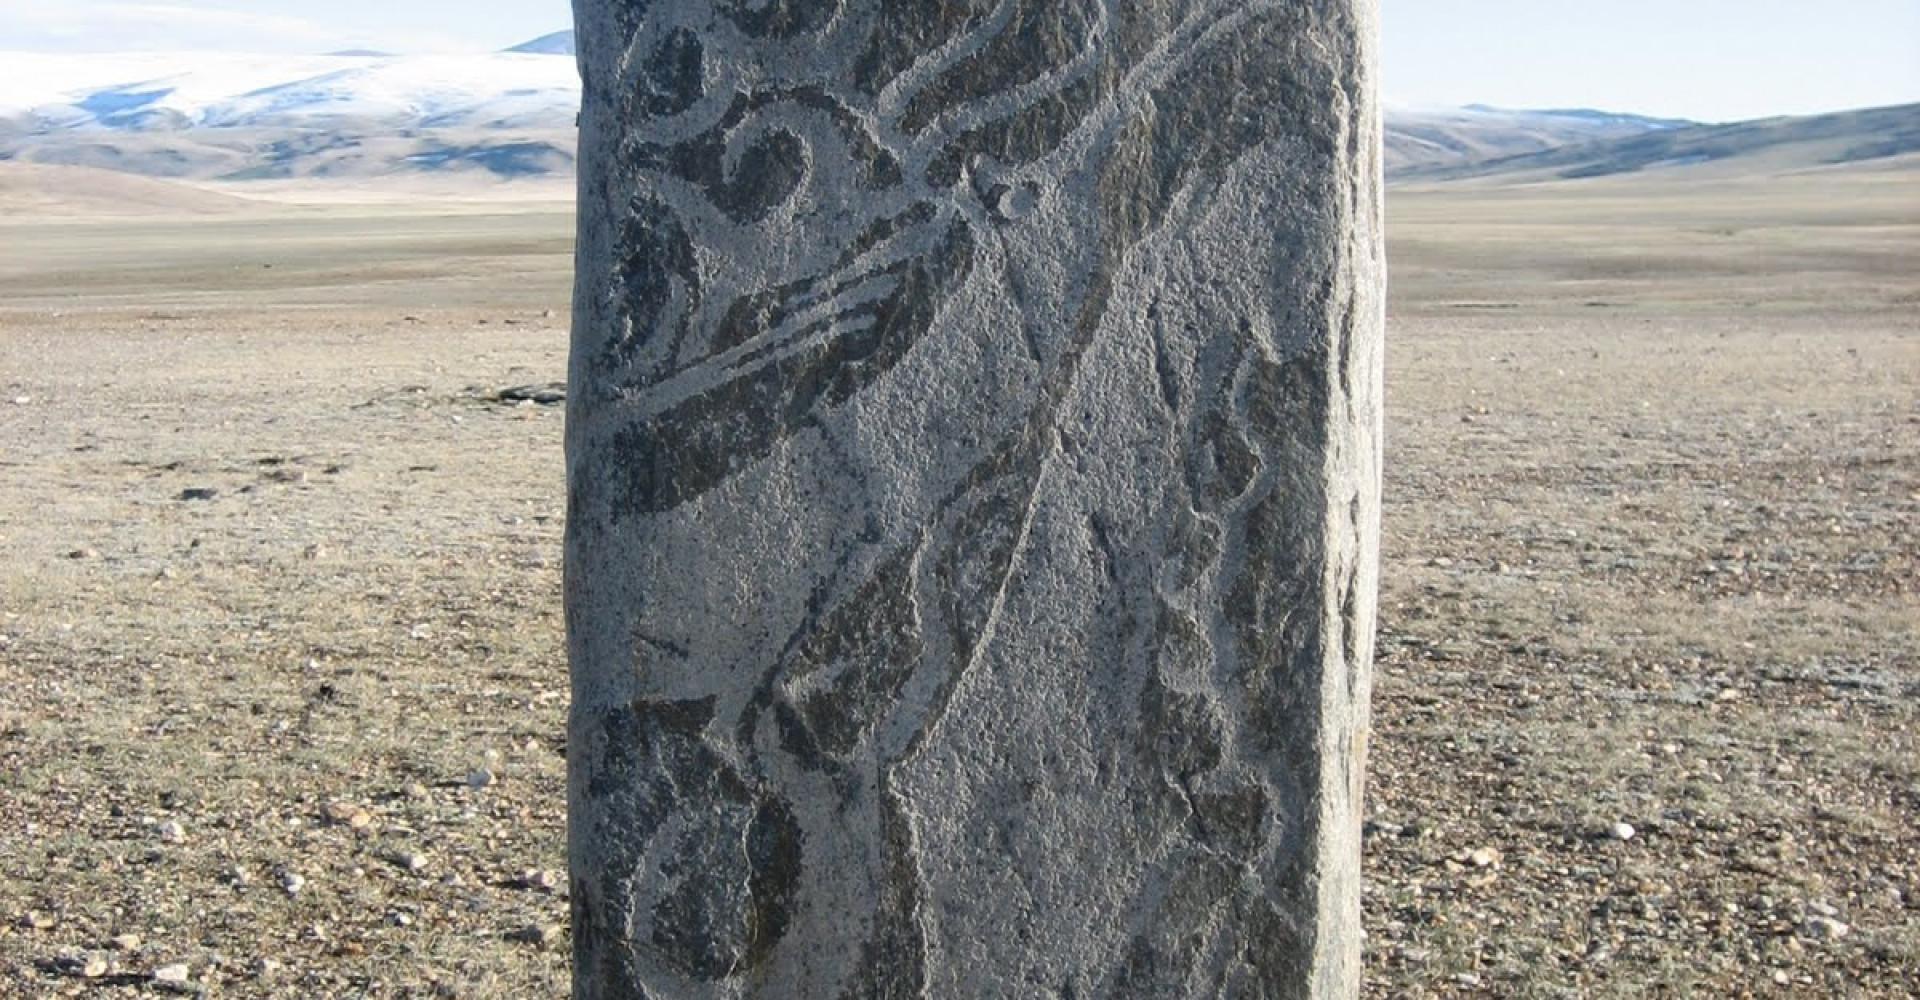 Deer stone of Baga us